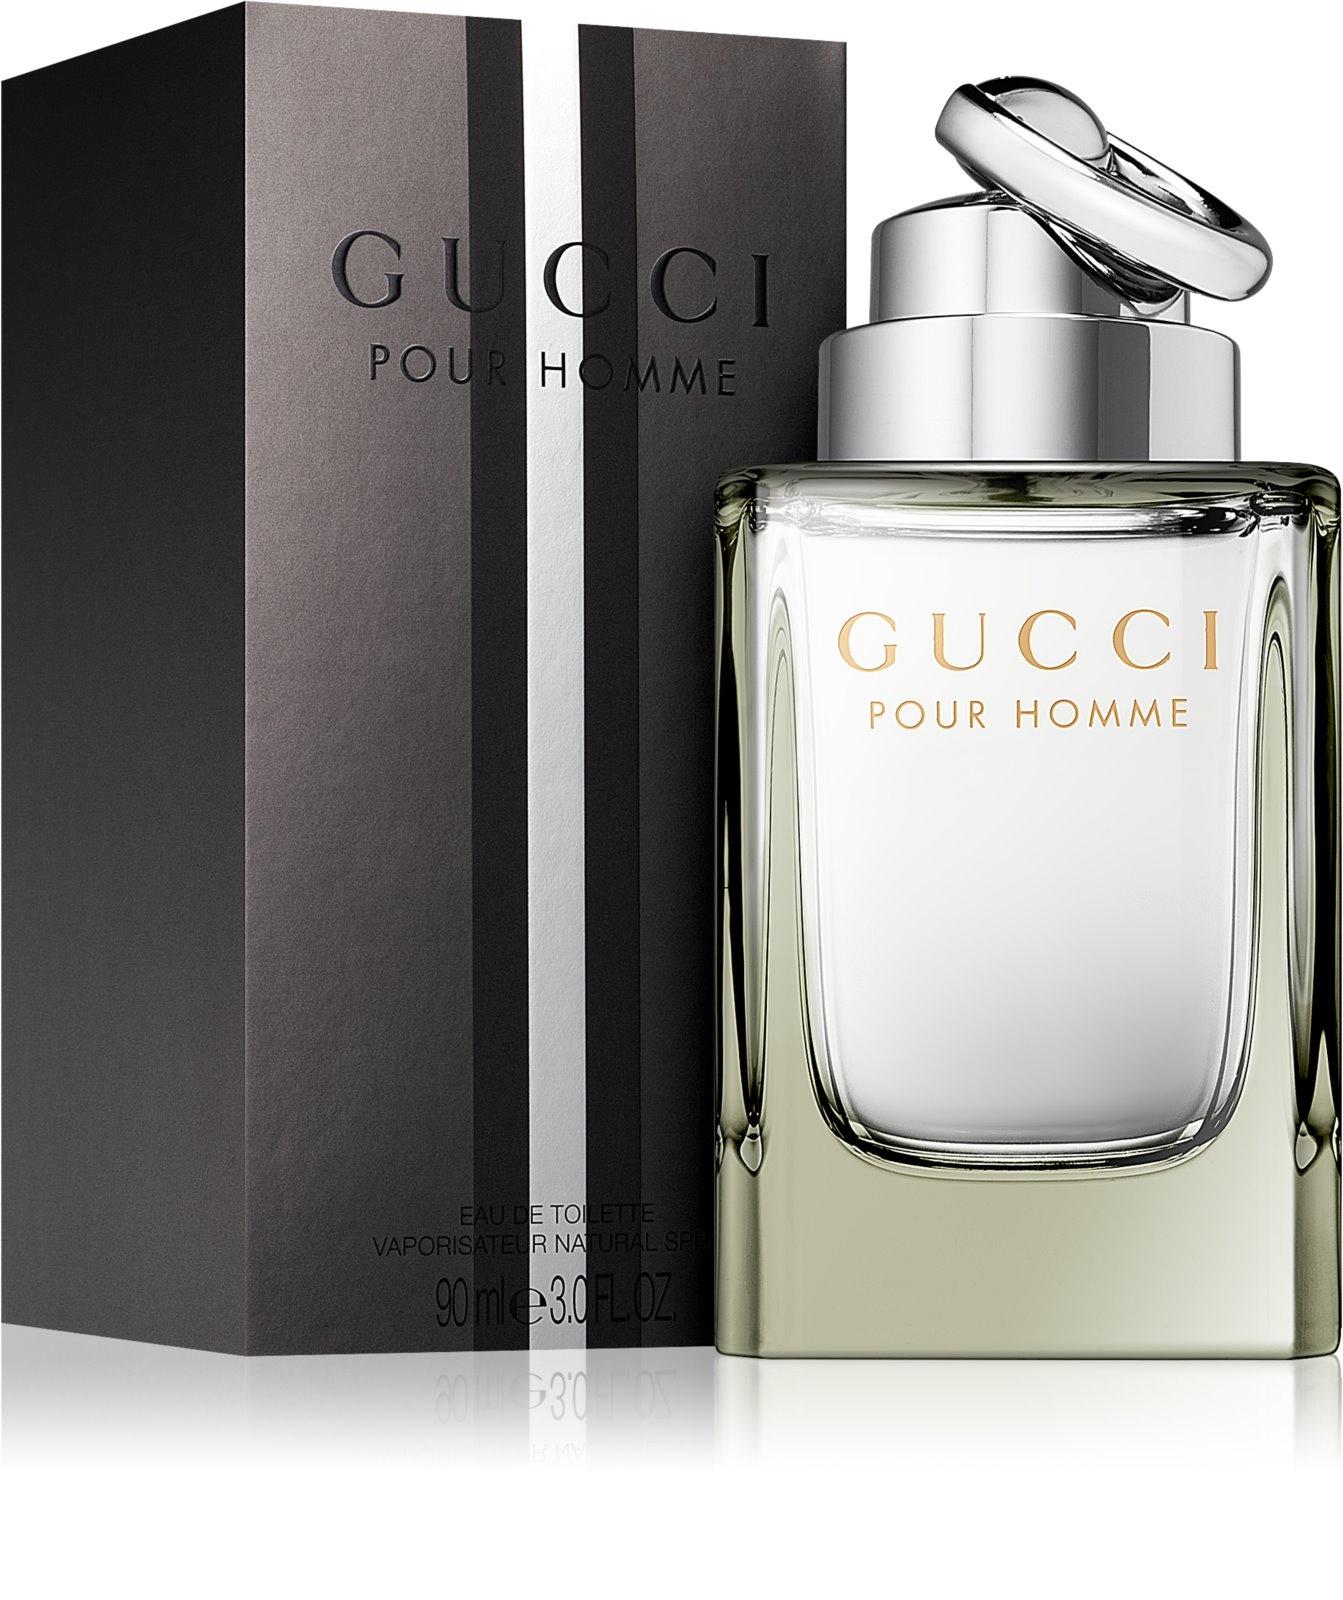 GUCCI By Gucci Pour Homme toaletní voda 50 ml + výdejní místa po celé ČR